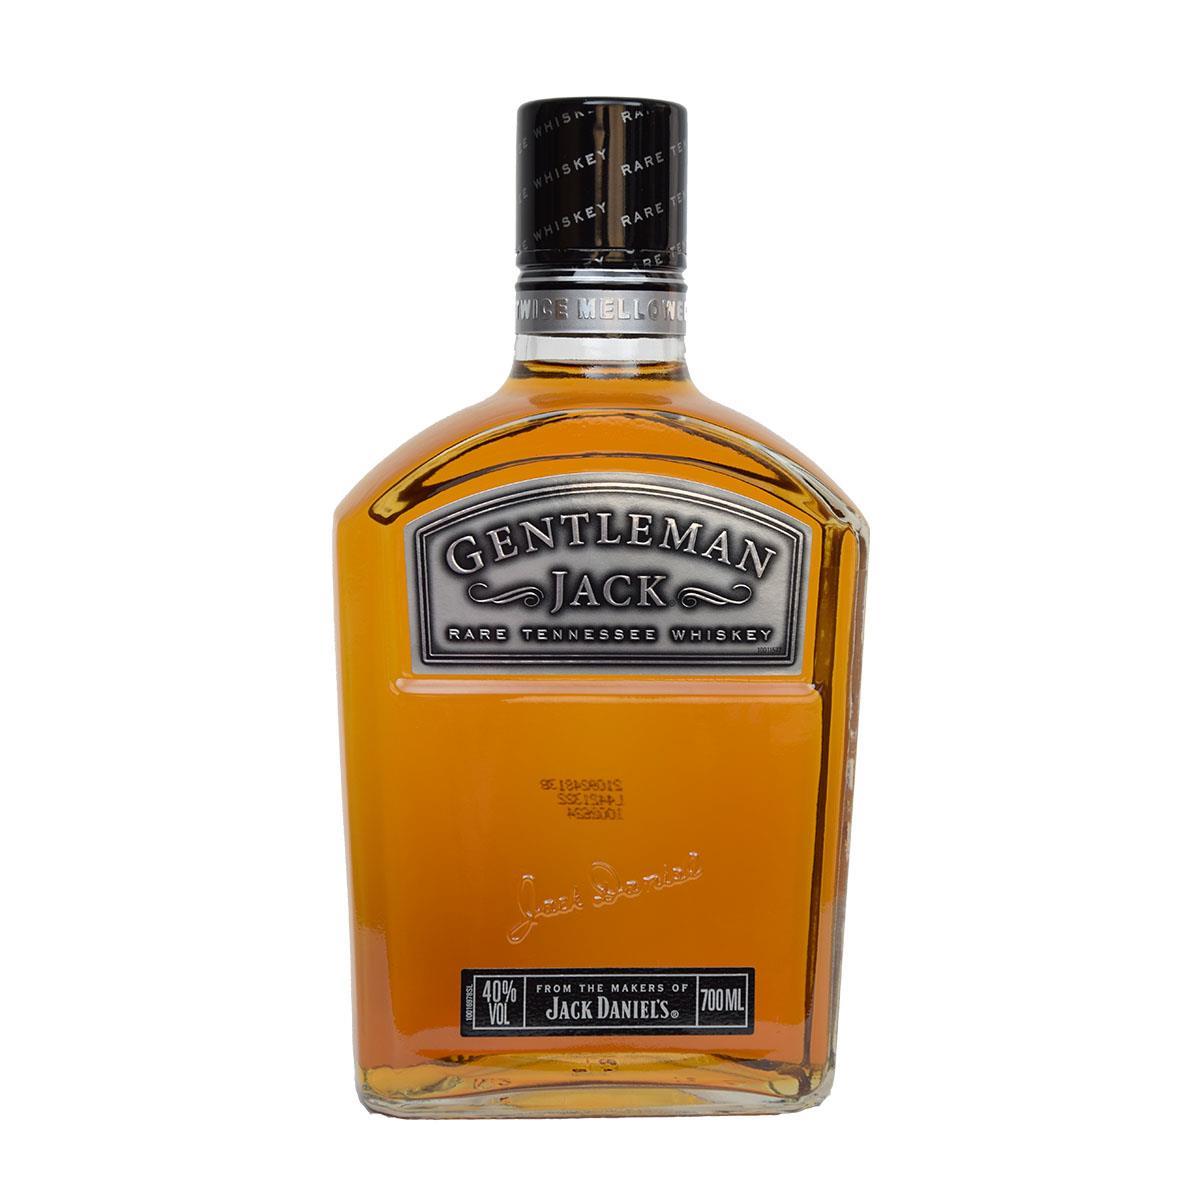 Jack Daniels Gentleman 700ml